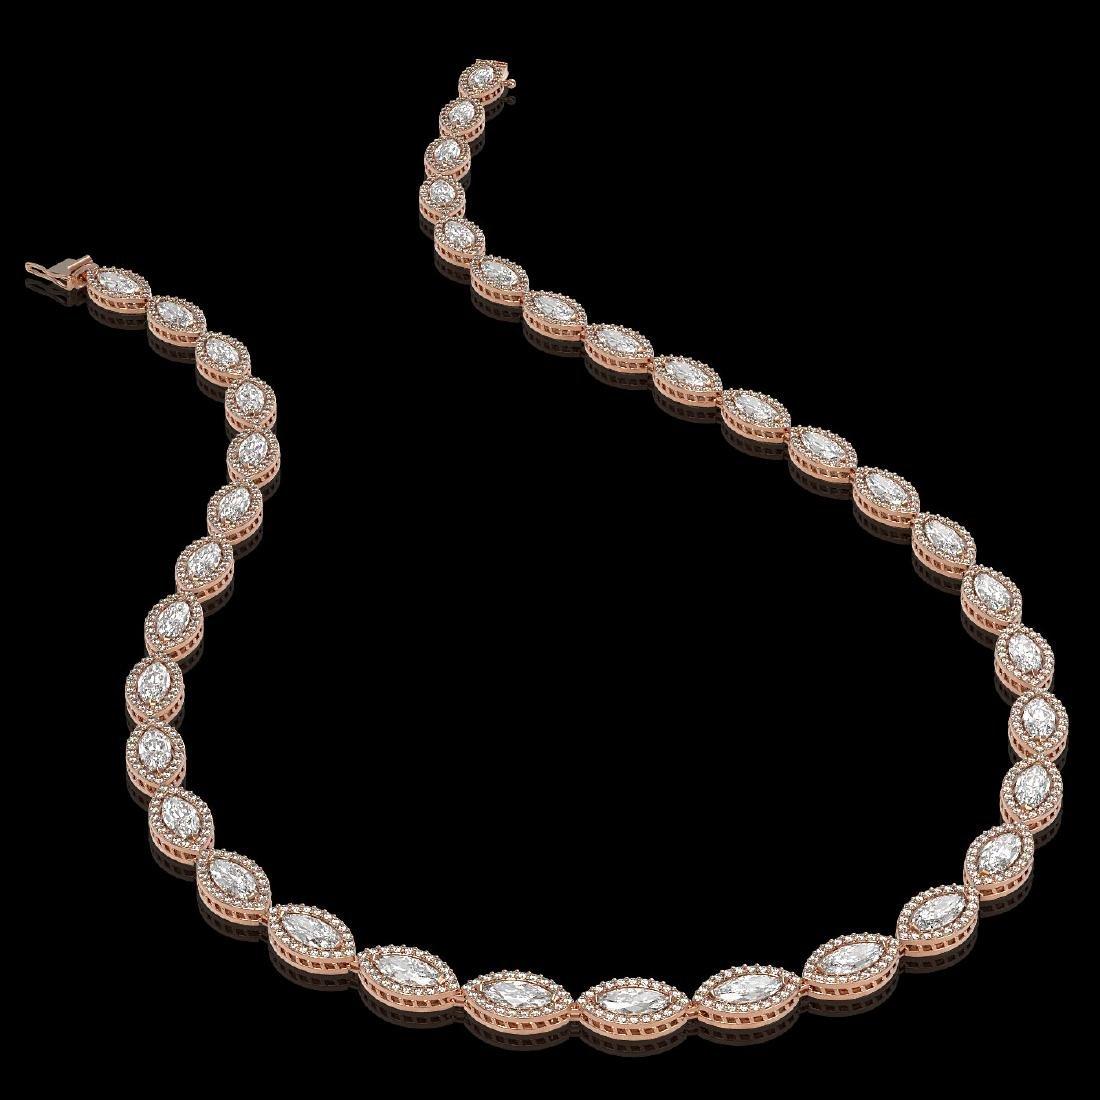 24.42 CTW Marquise Diamond Designer Necklace 18K Rose - 2